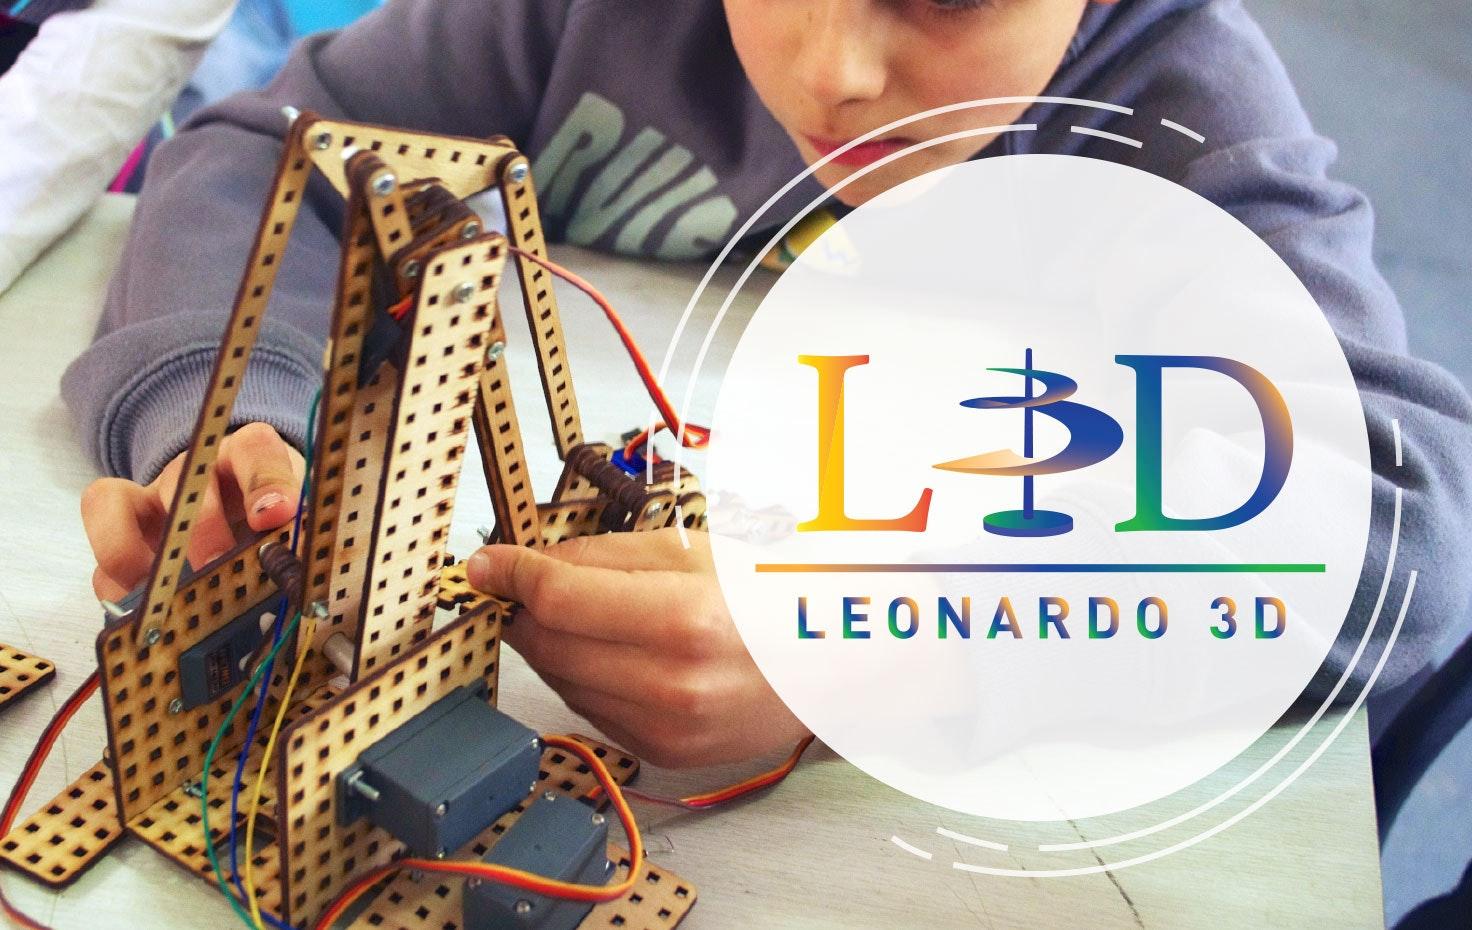 Leonardo 3D | L3D